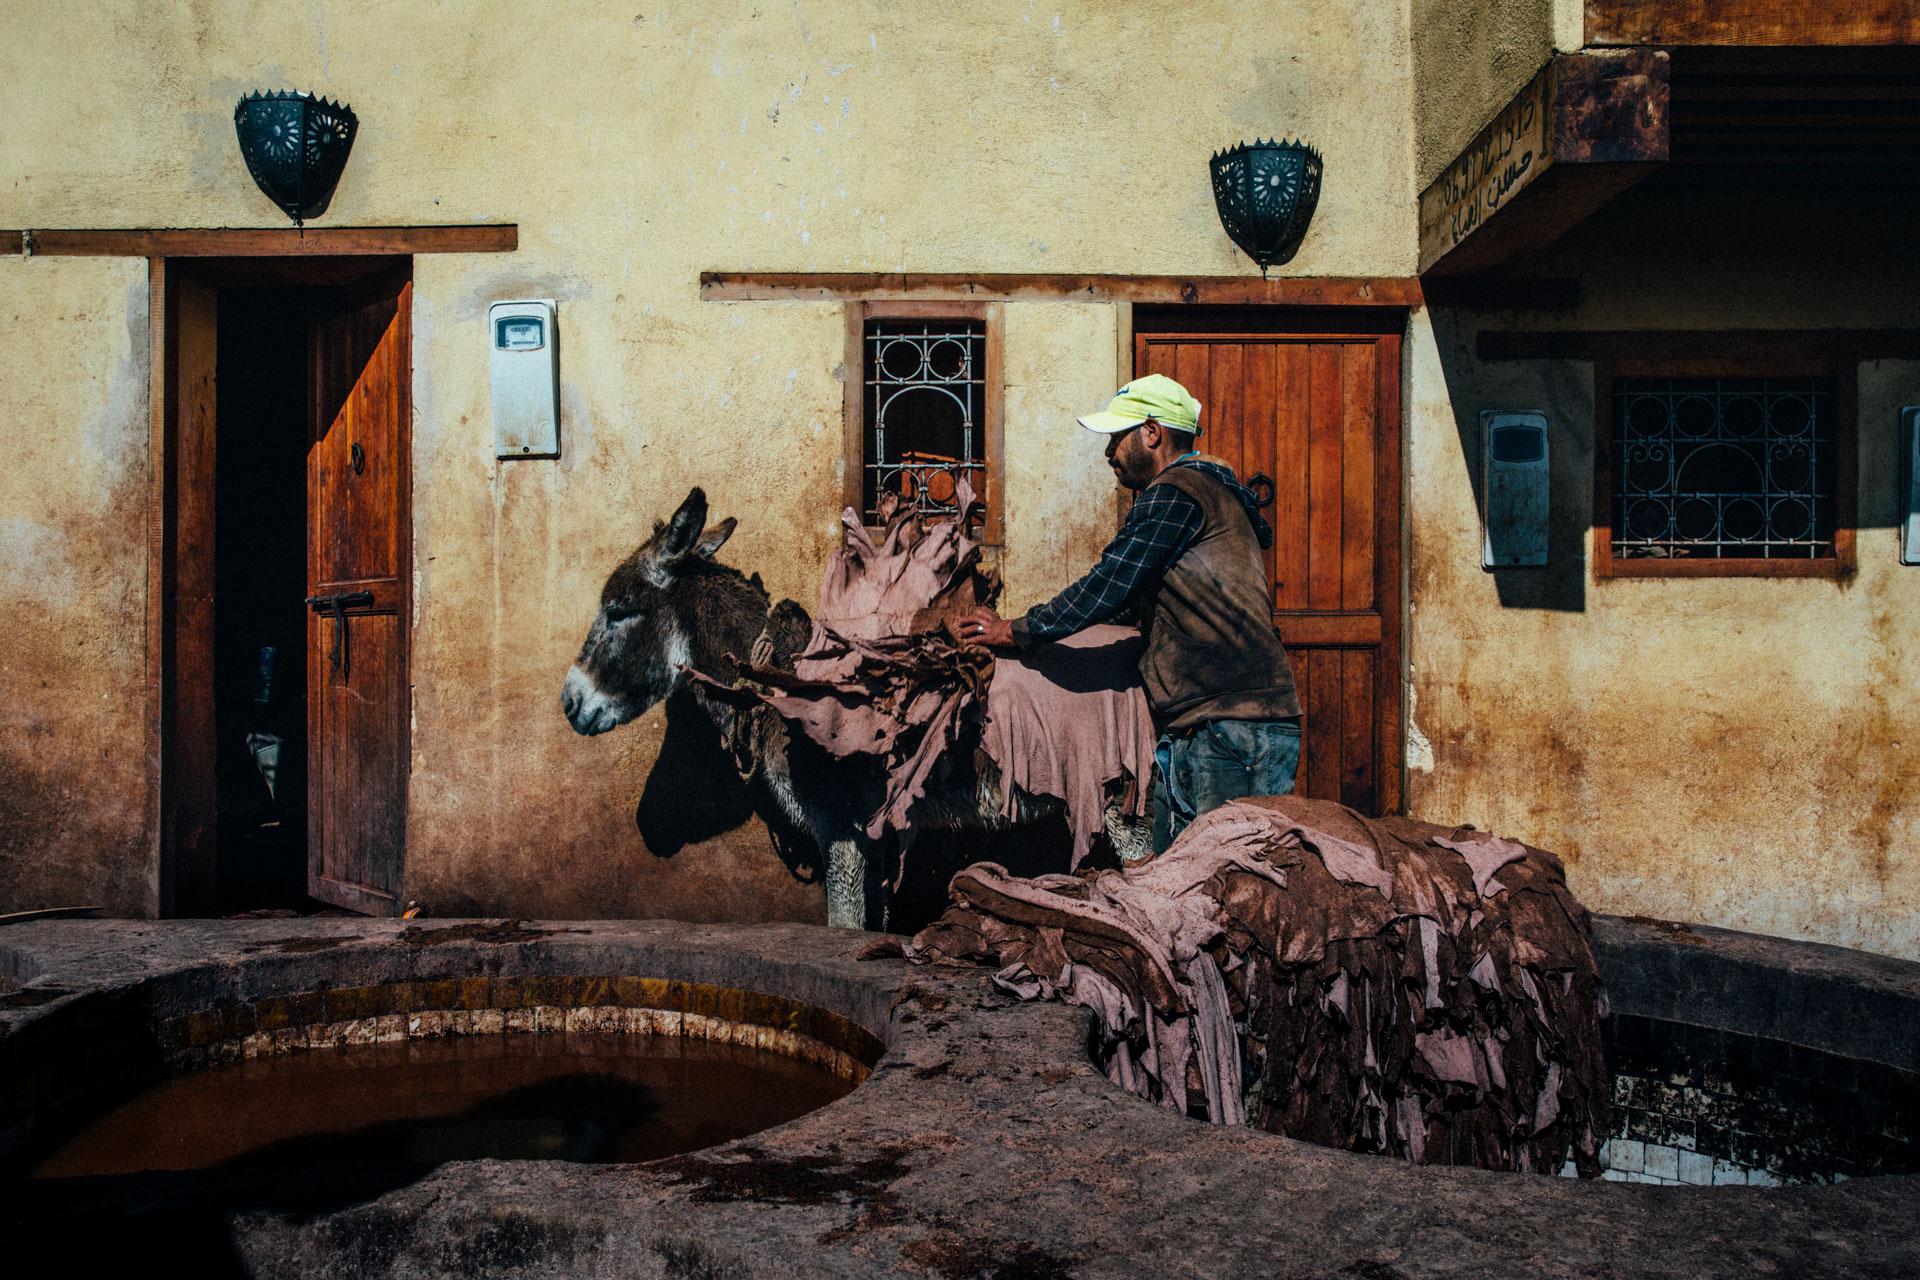 In Marocco si trovano le Concerie di Fes, dove da secoli il processo di lavorazione interamente manuale è svolto da decine di uomini...